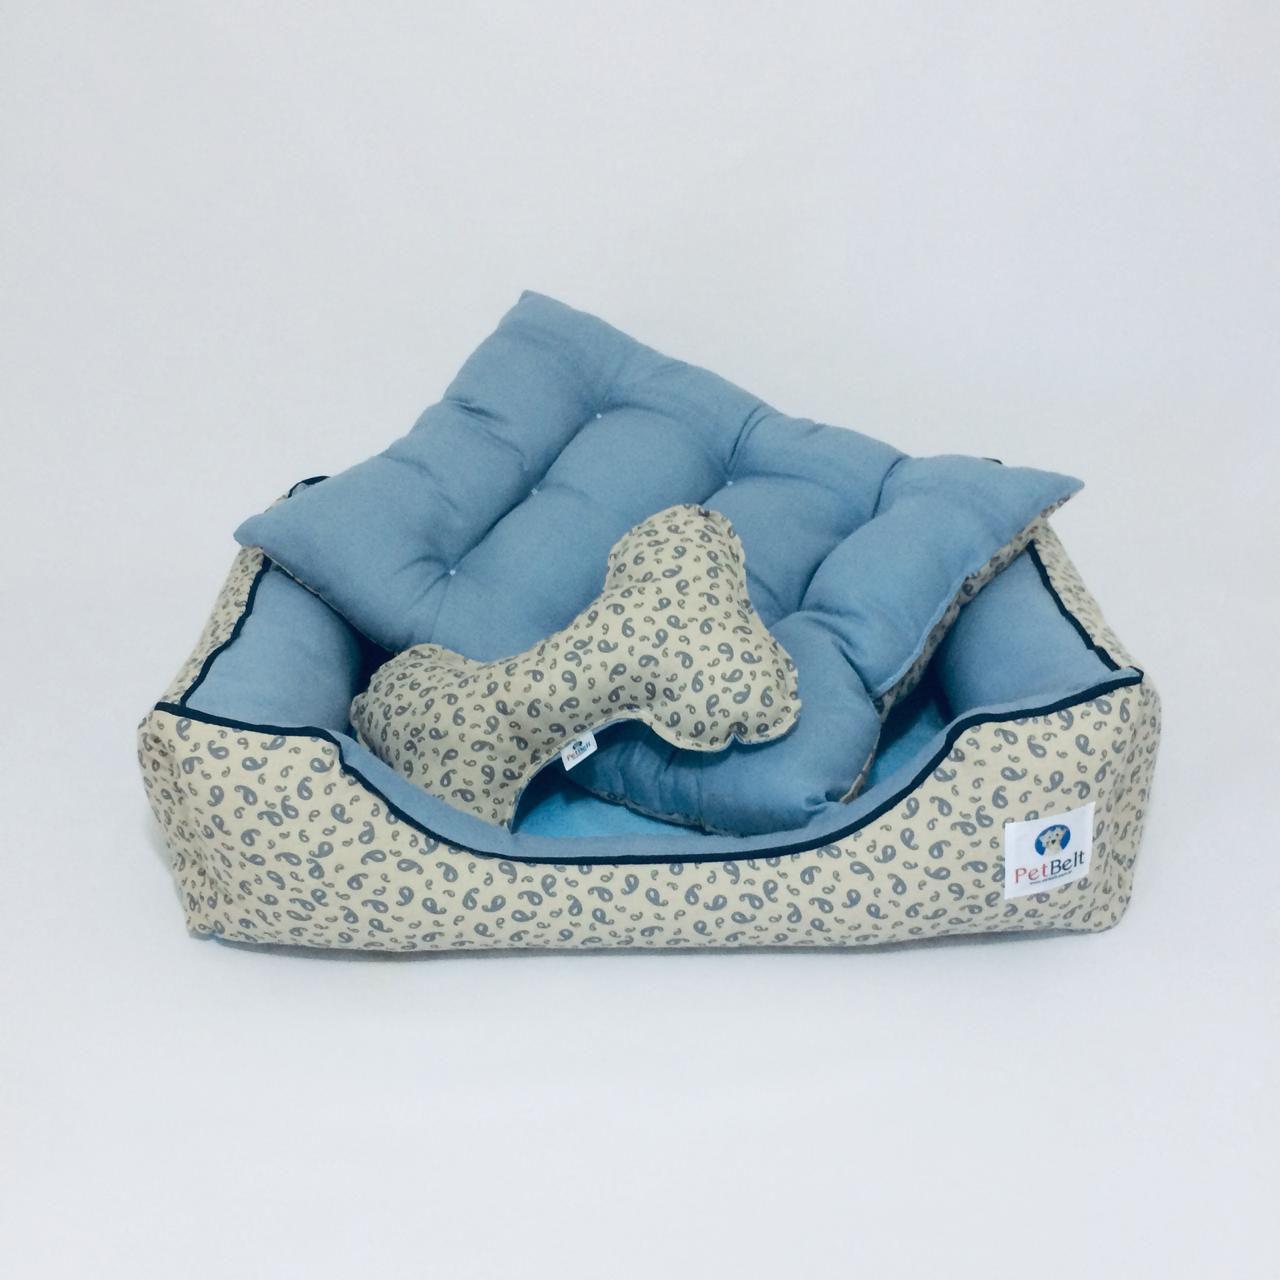 Cama Pet de Linho Cachorro Gato almofada removível c/ zíper - Tam P - Arabesco